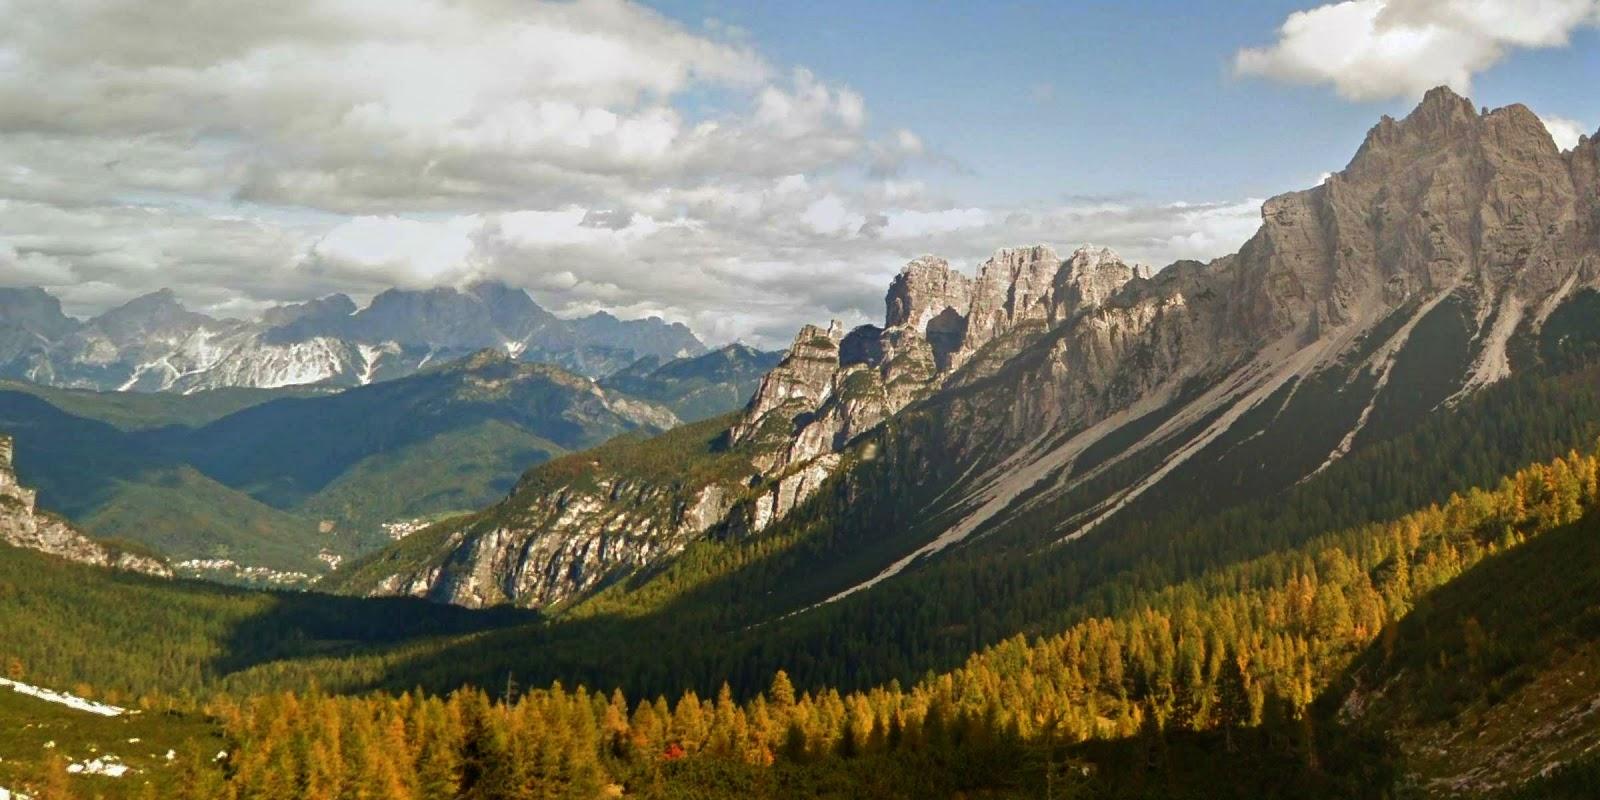 Пейзаж с горами и лесом